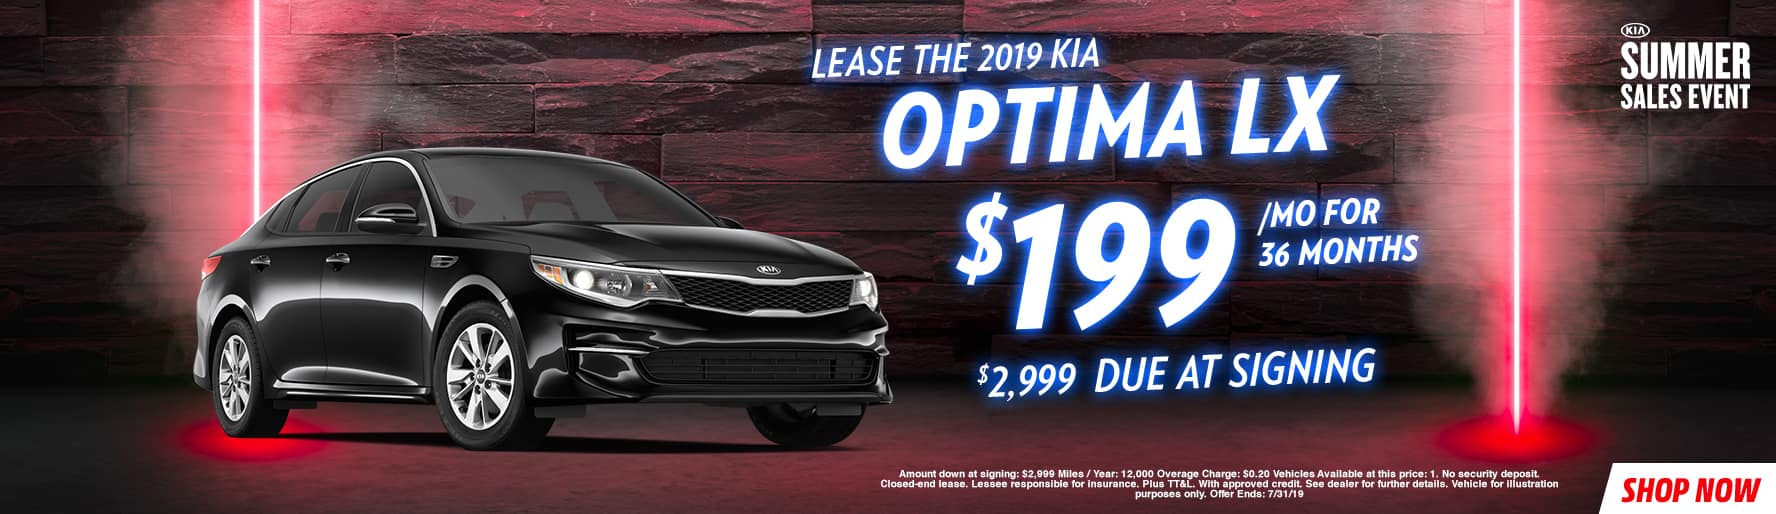 2019_Kia_Optima_LX_Kia_South_Austin_Texas